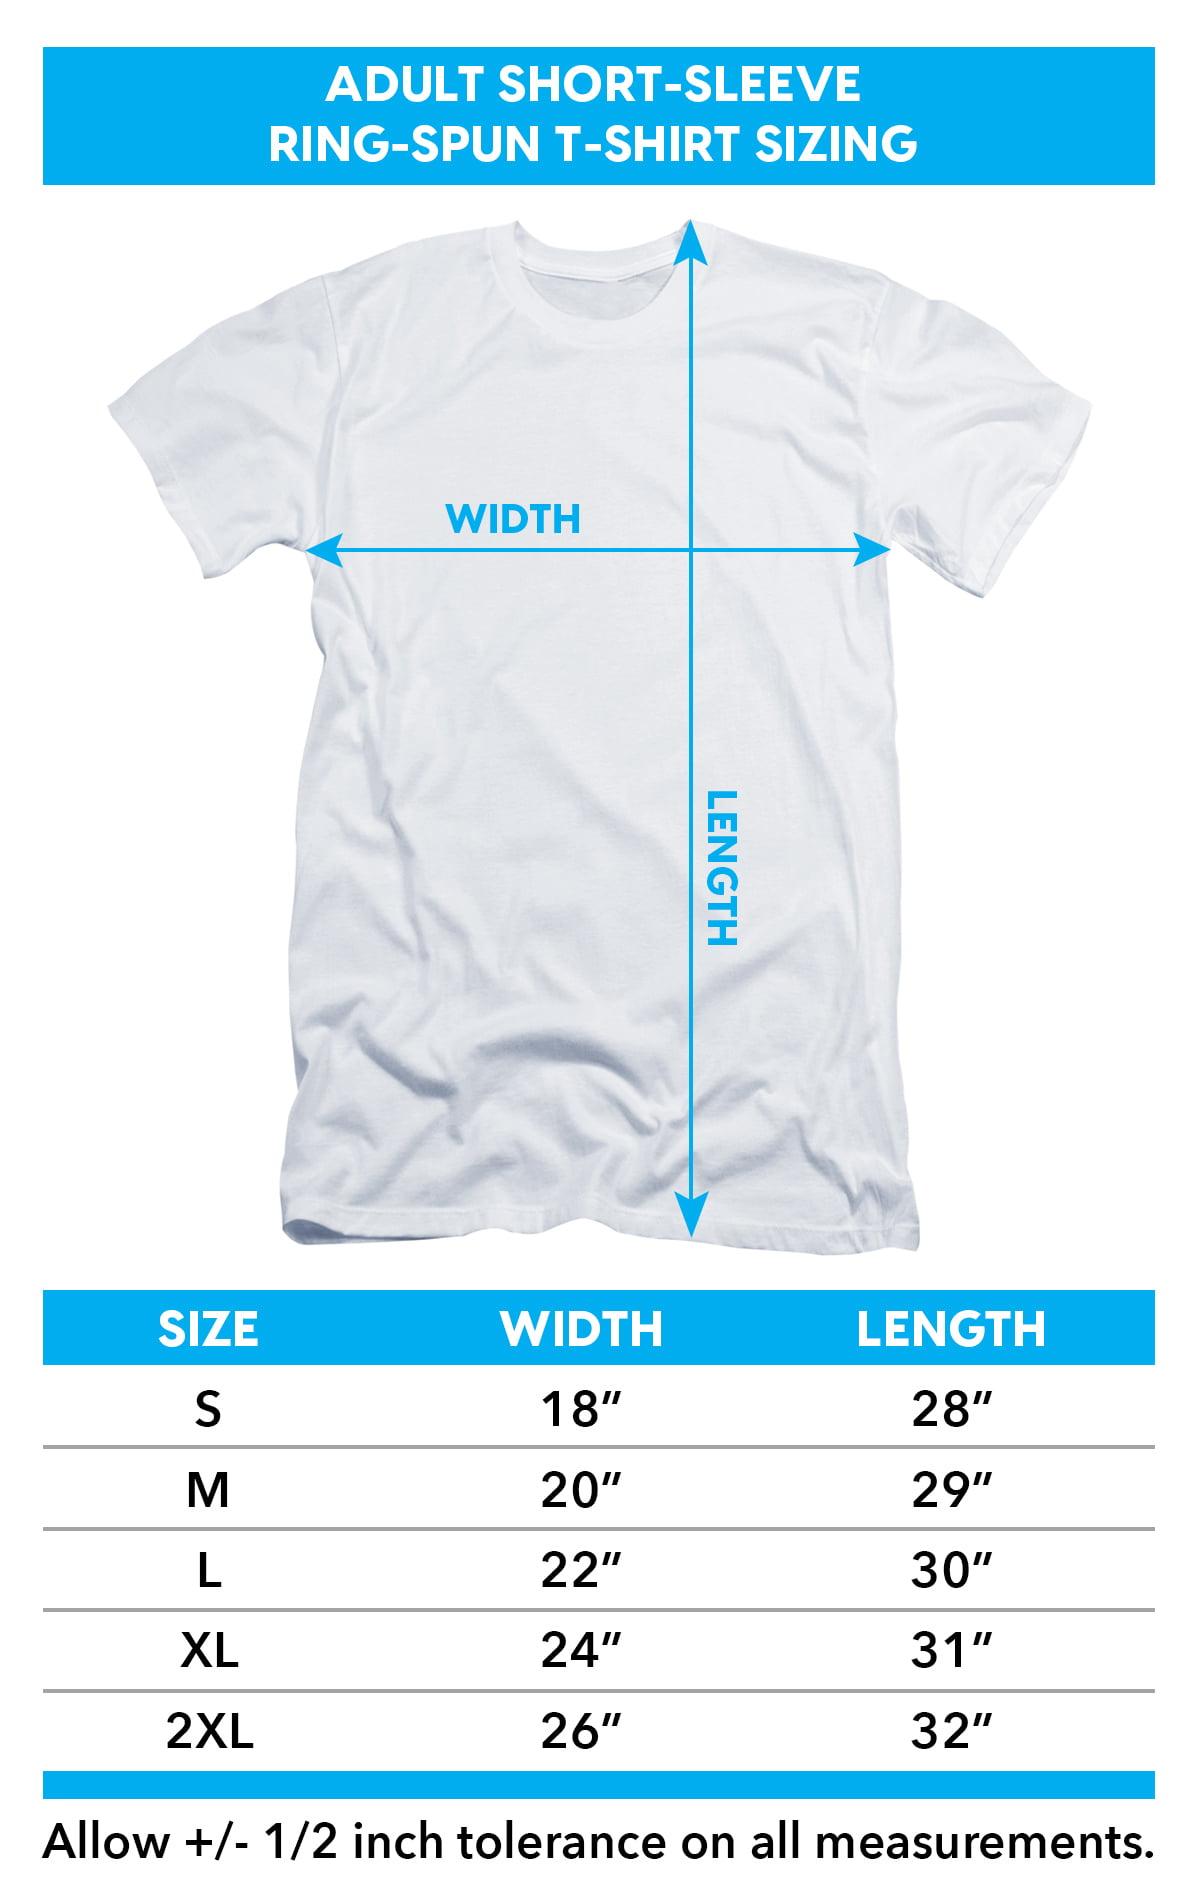 Spezielle Anlässe & Arbeitskleidung Männer TNG Staffel 7 Episode 5 Premium Slim Fit T-Shirt Star Trek